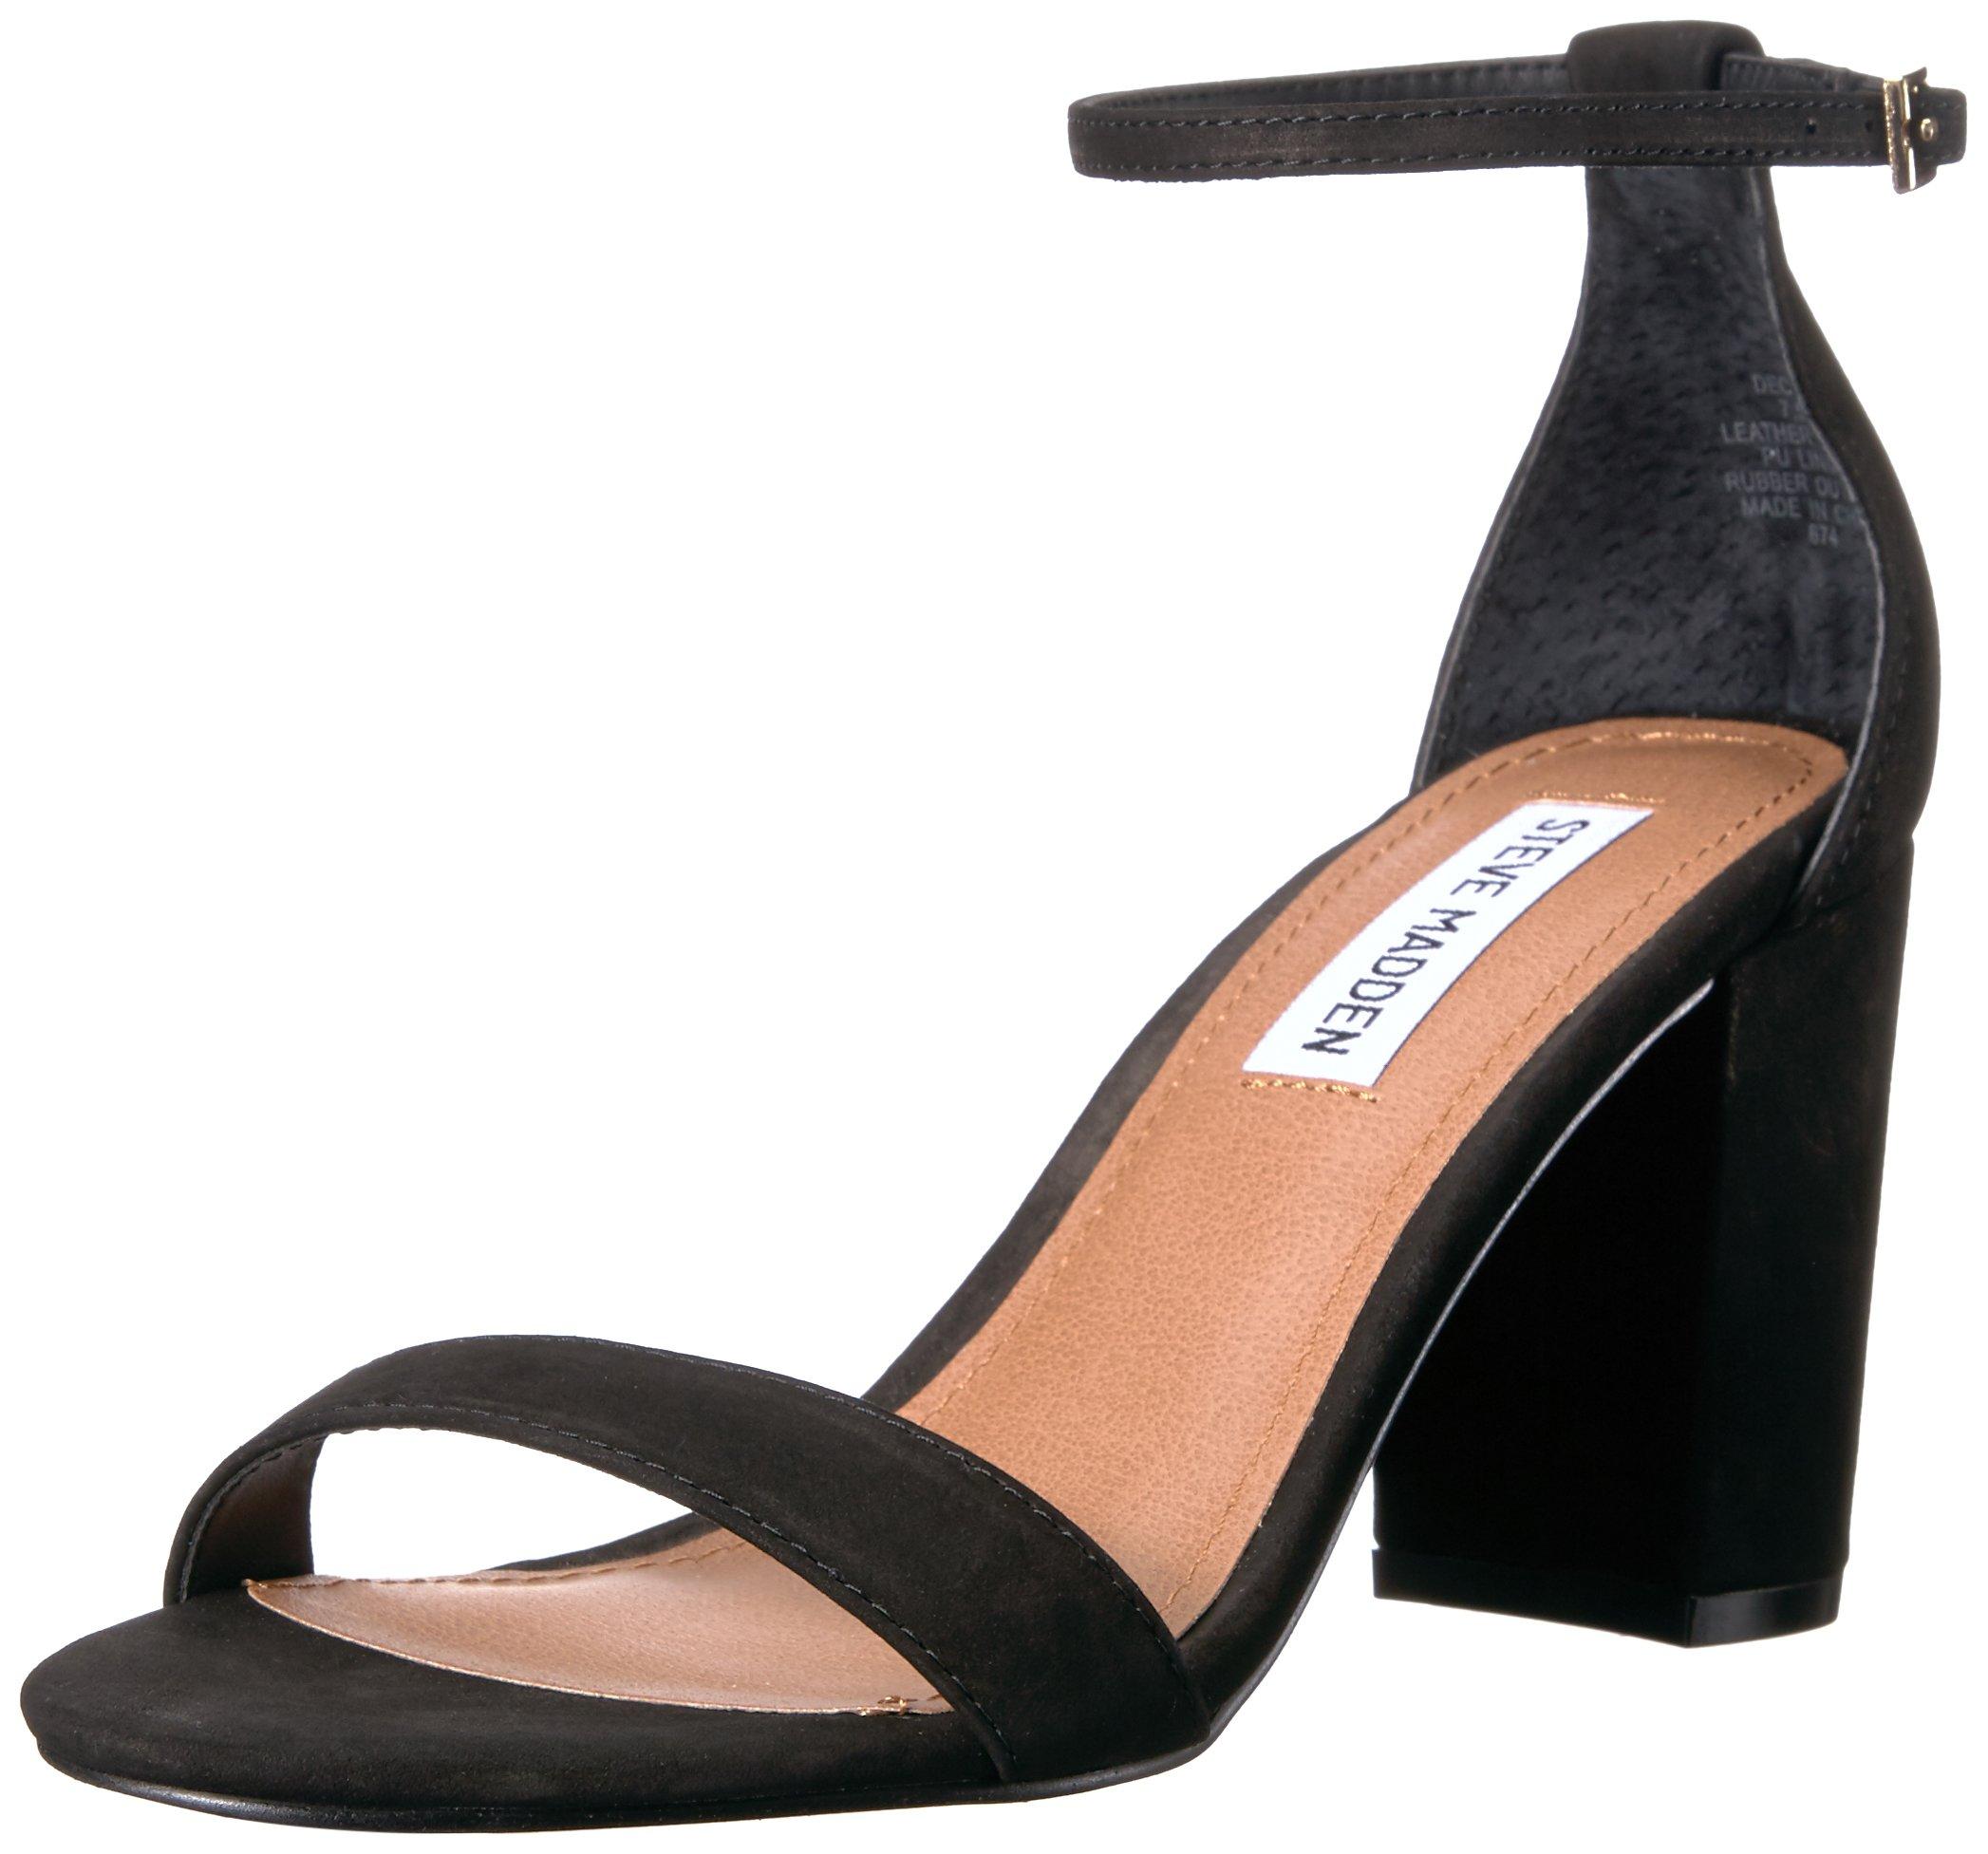 Steve Madden Women's Declair Dress Sandal, Black Nubuck, 8 M US